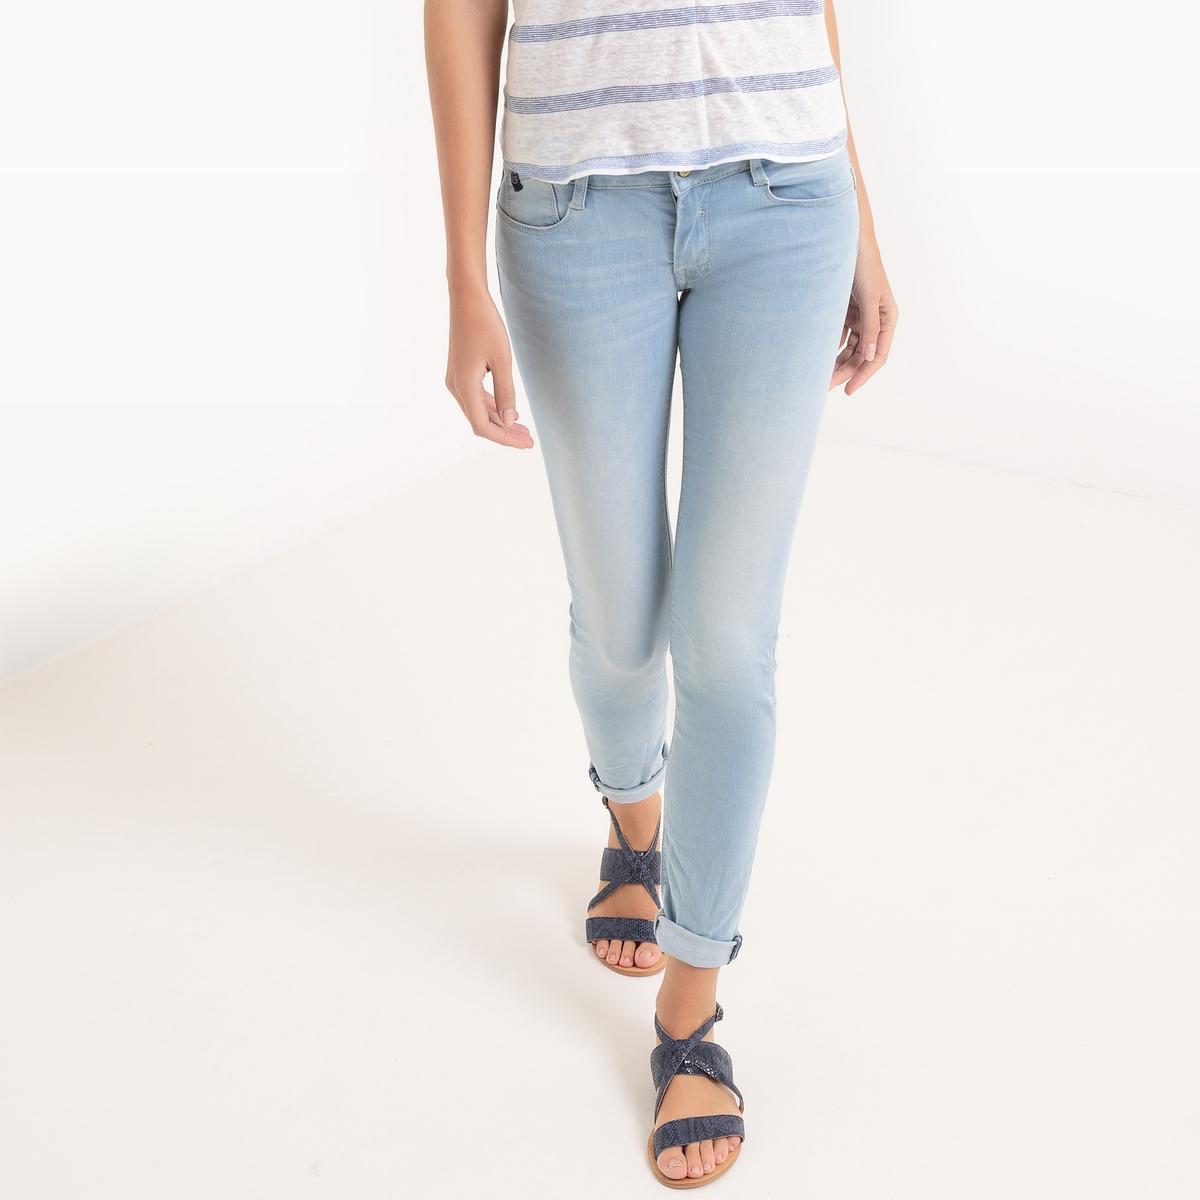 Jeans slim, vita normale, lunghezza 32, effetto push-up